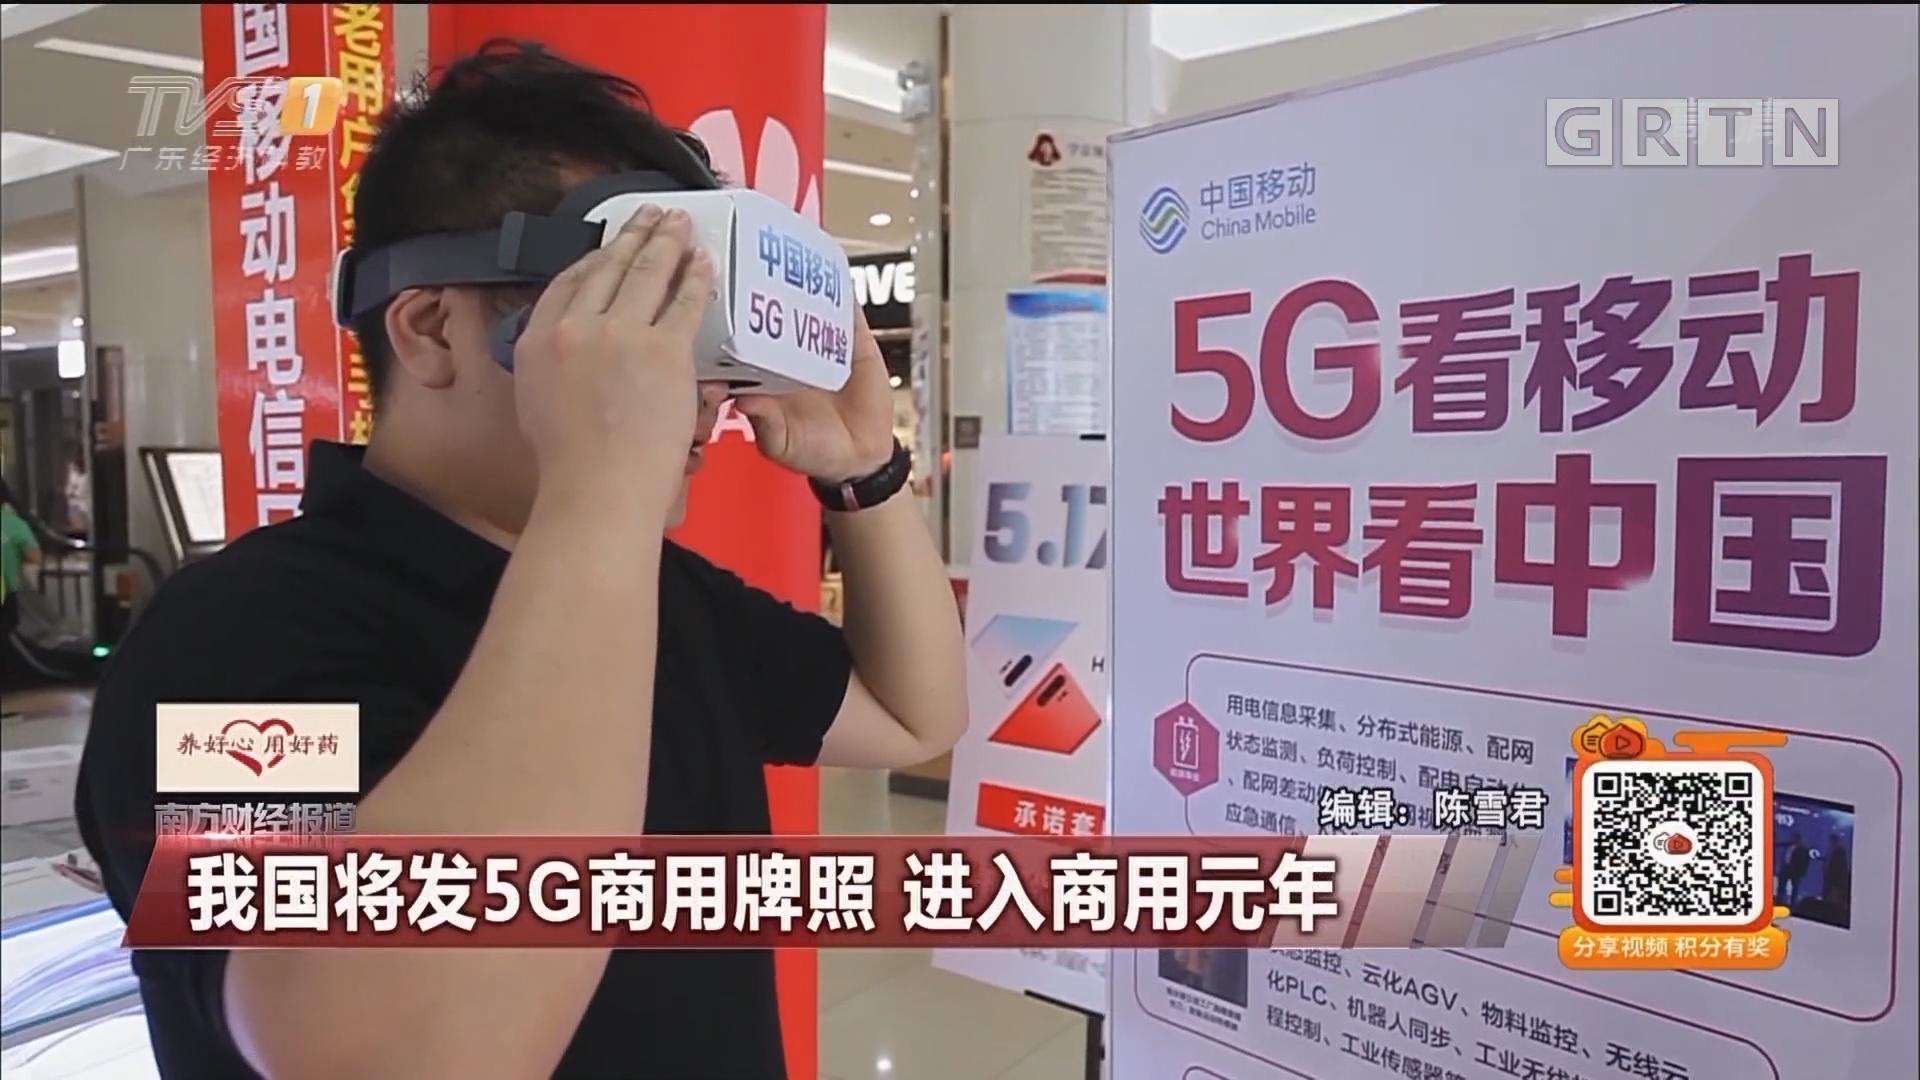 我国将发5G商用牌照 进入商用元年